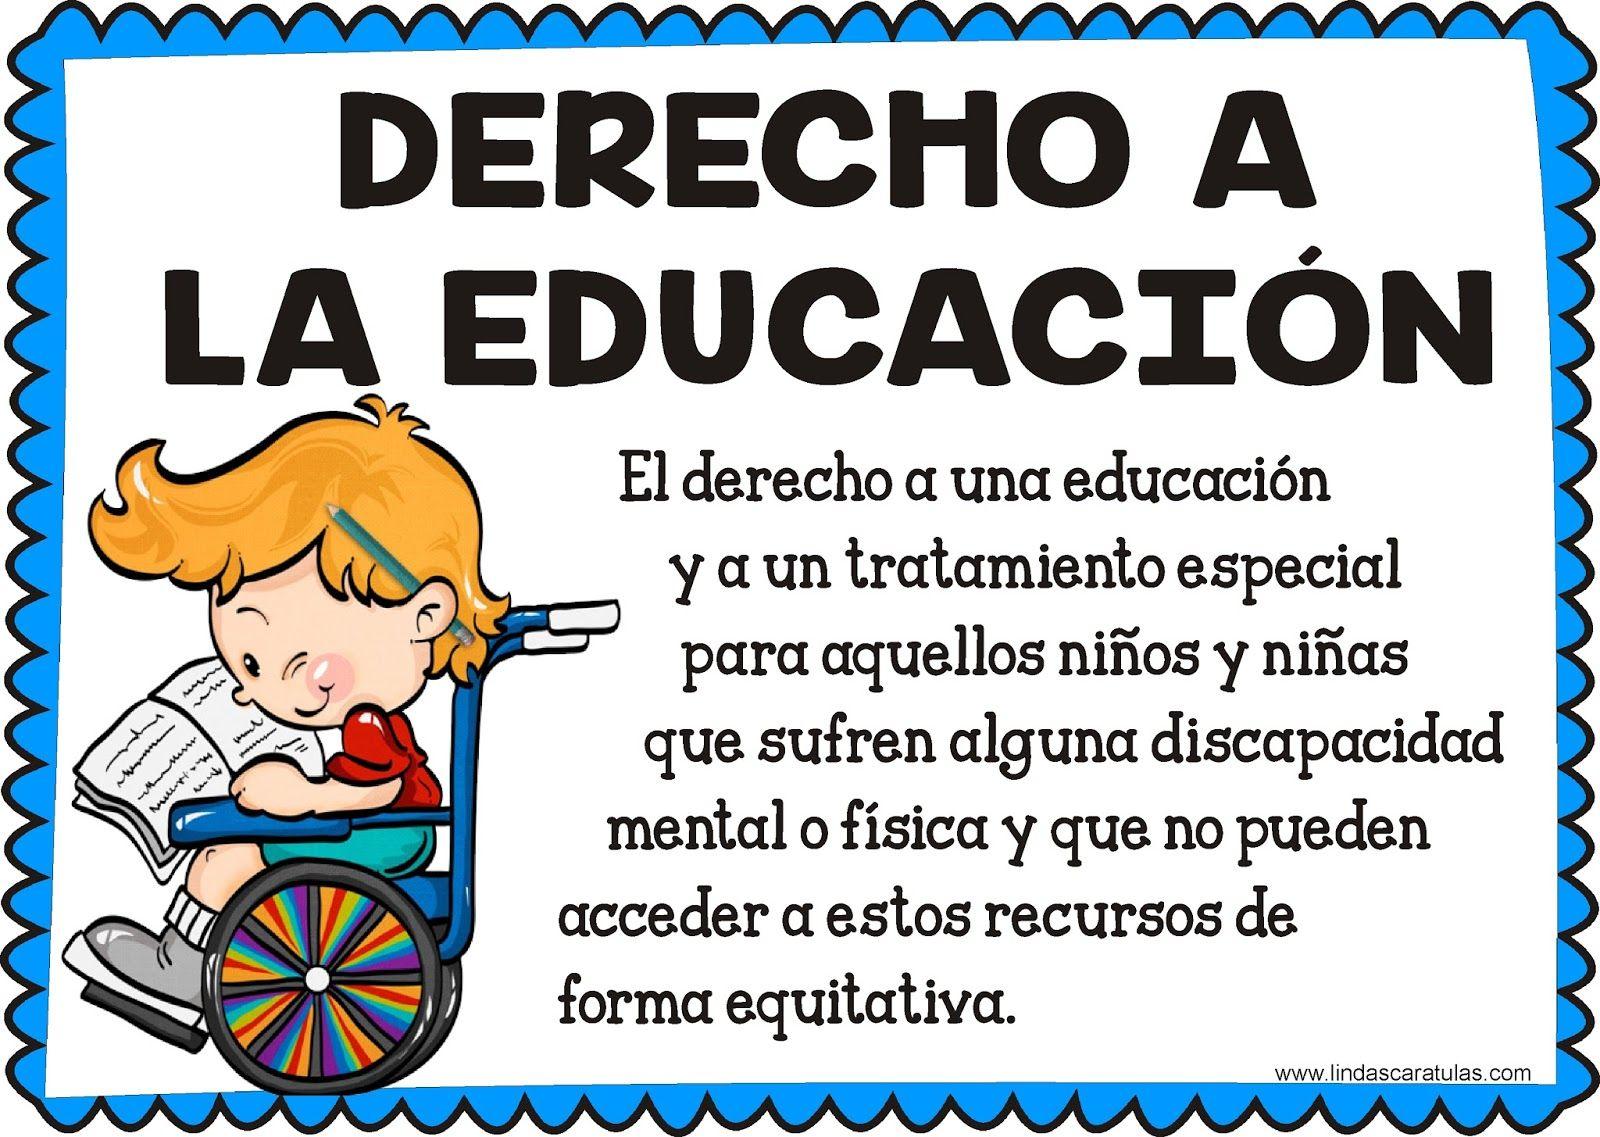 Lindas Caratulas Derechos Fundamentales Del Niño Y La Niña Imagenes De Los Derechos Derecho A La Educacion Derechos Humanos Para Niños